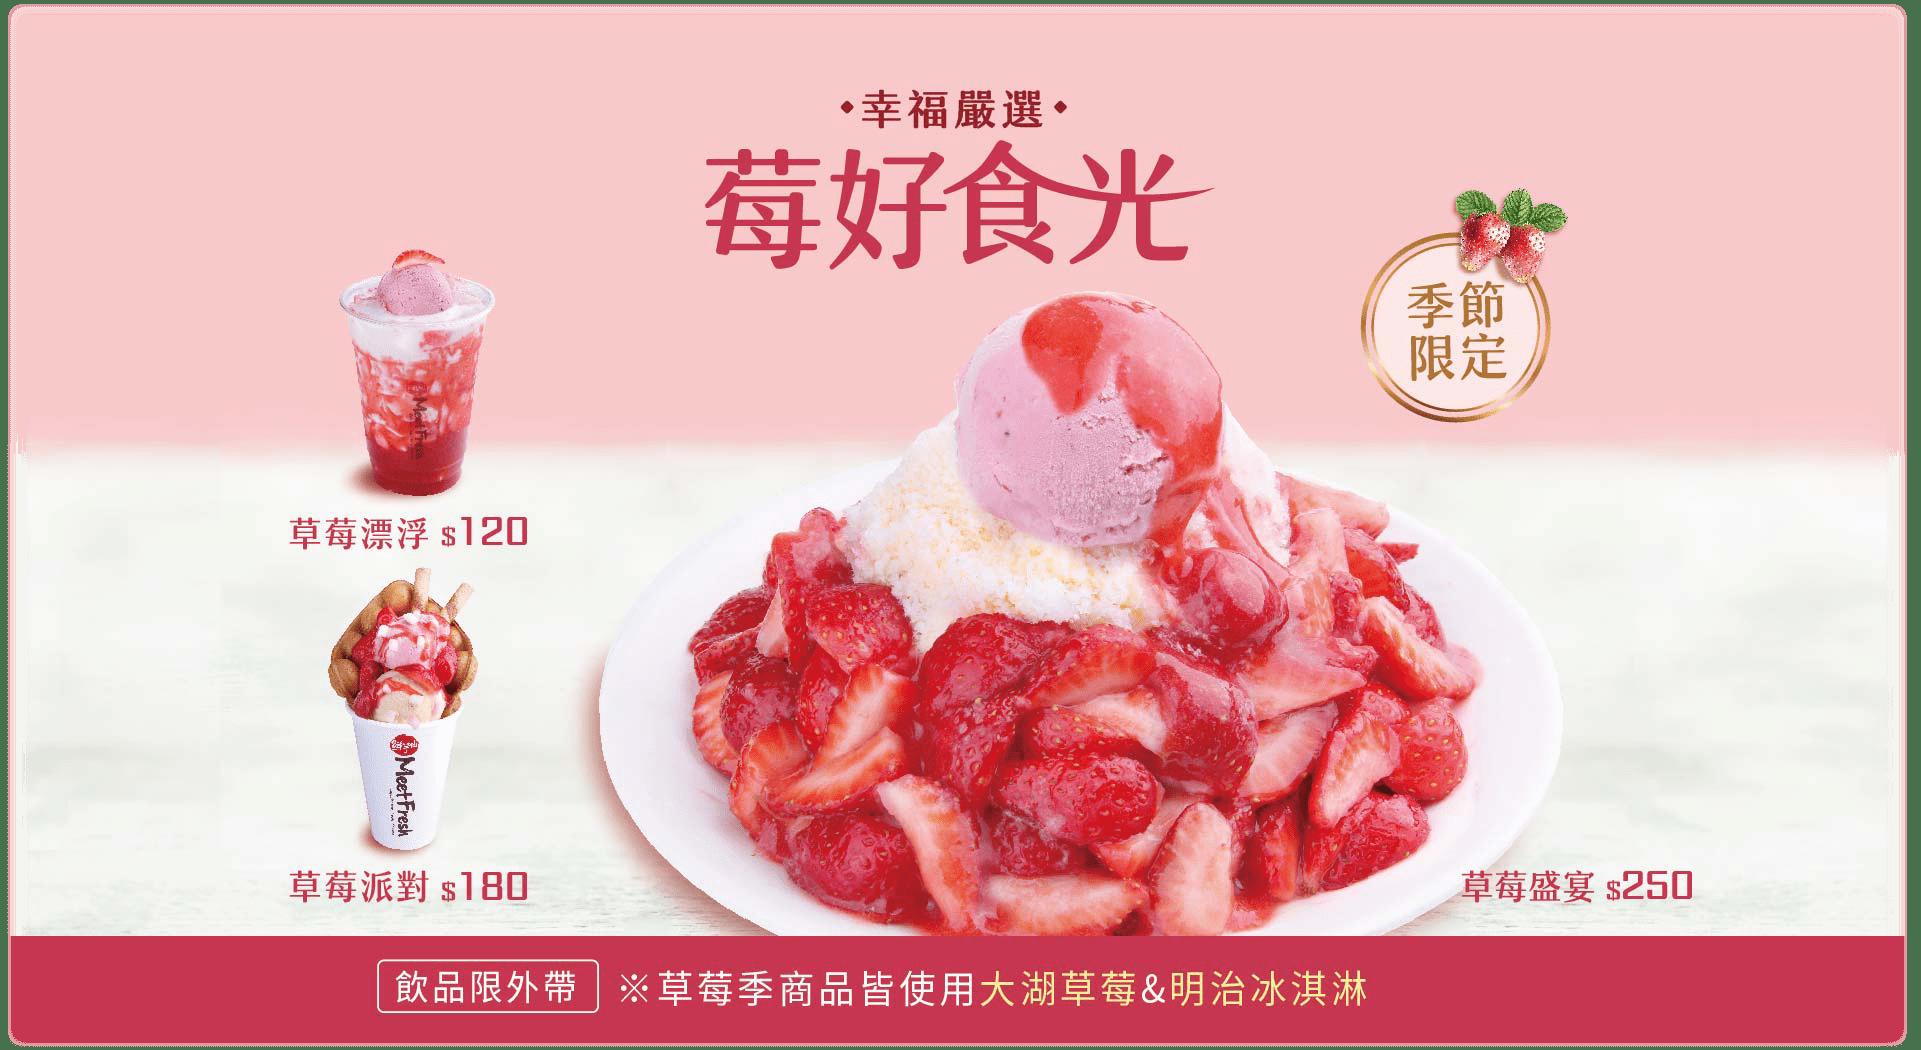 2020草莓季新品上市